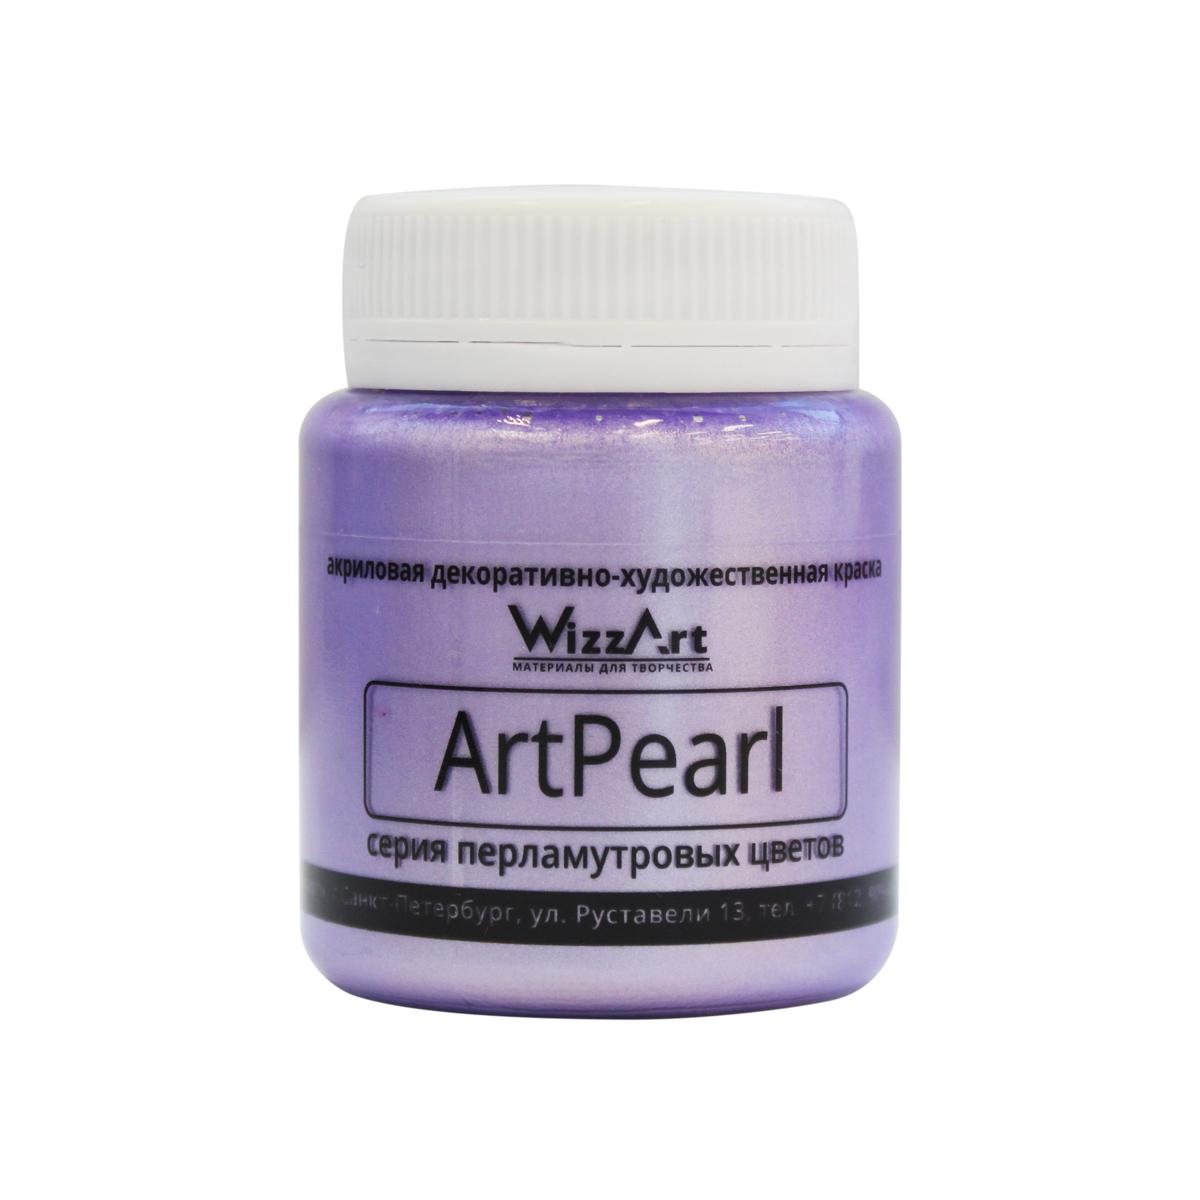 Краска акриловая Wizzart ArtPearl, цвет: фиолетовый, 80 мл501022Линейка акриловых красок WizzArt под названием ArtPearl - это широкий ассортимент перламутровых оттенков. Эффект перламутра помогает создать красивейшие рисунки и замечательный декор. Перламутровая акриловая краска быстро высыхает, прочно держится, создает ровную и гладкую поверхность, которая красиво переливается на свету. Ее мягкое сияние придаст изюминку любому произведению декоративно-прикладного искусства. Все краски WizzArt отлично совместимы между собой, что открывает широкие горизонты для реализации творческих идей. Ими можно декорировать посуду, открытки, рамки для фото, подарочные коробки, зеркала, елочные игрушки. Акриловые краски WizzArt обладают равномерной текстурой, отлично ложатся на любую обезжиренную поверхность и надежно держатся на ней после высыхания, надолго сохраняя яркость цвета и эластичность. Данные краски не содержат токсичных веществ и не имеют сильного запаха.Объем: 80 мл.Товар сертифицирован.